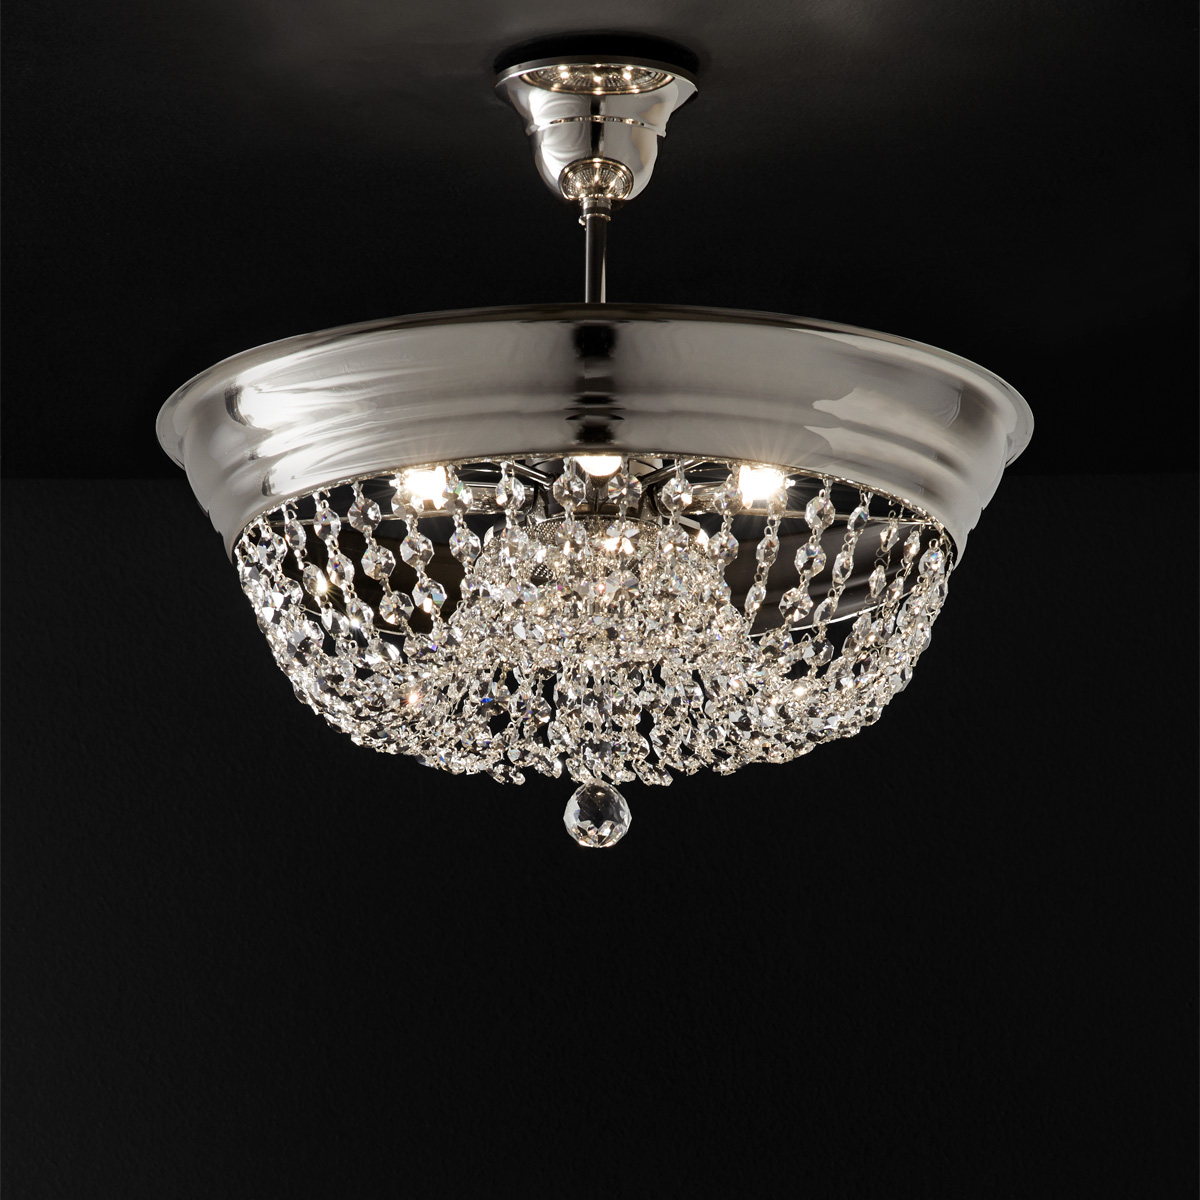 Κλασικό φωτιστικό οροφής με κρύσταλλα ΑΡΤΕΜΙΣ classic ceiling lamp with crystal accents